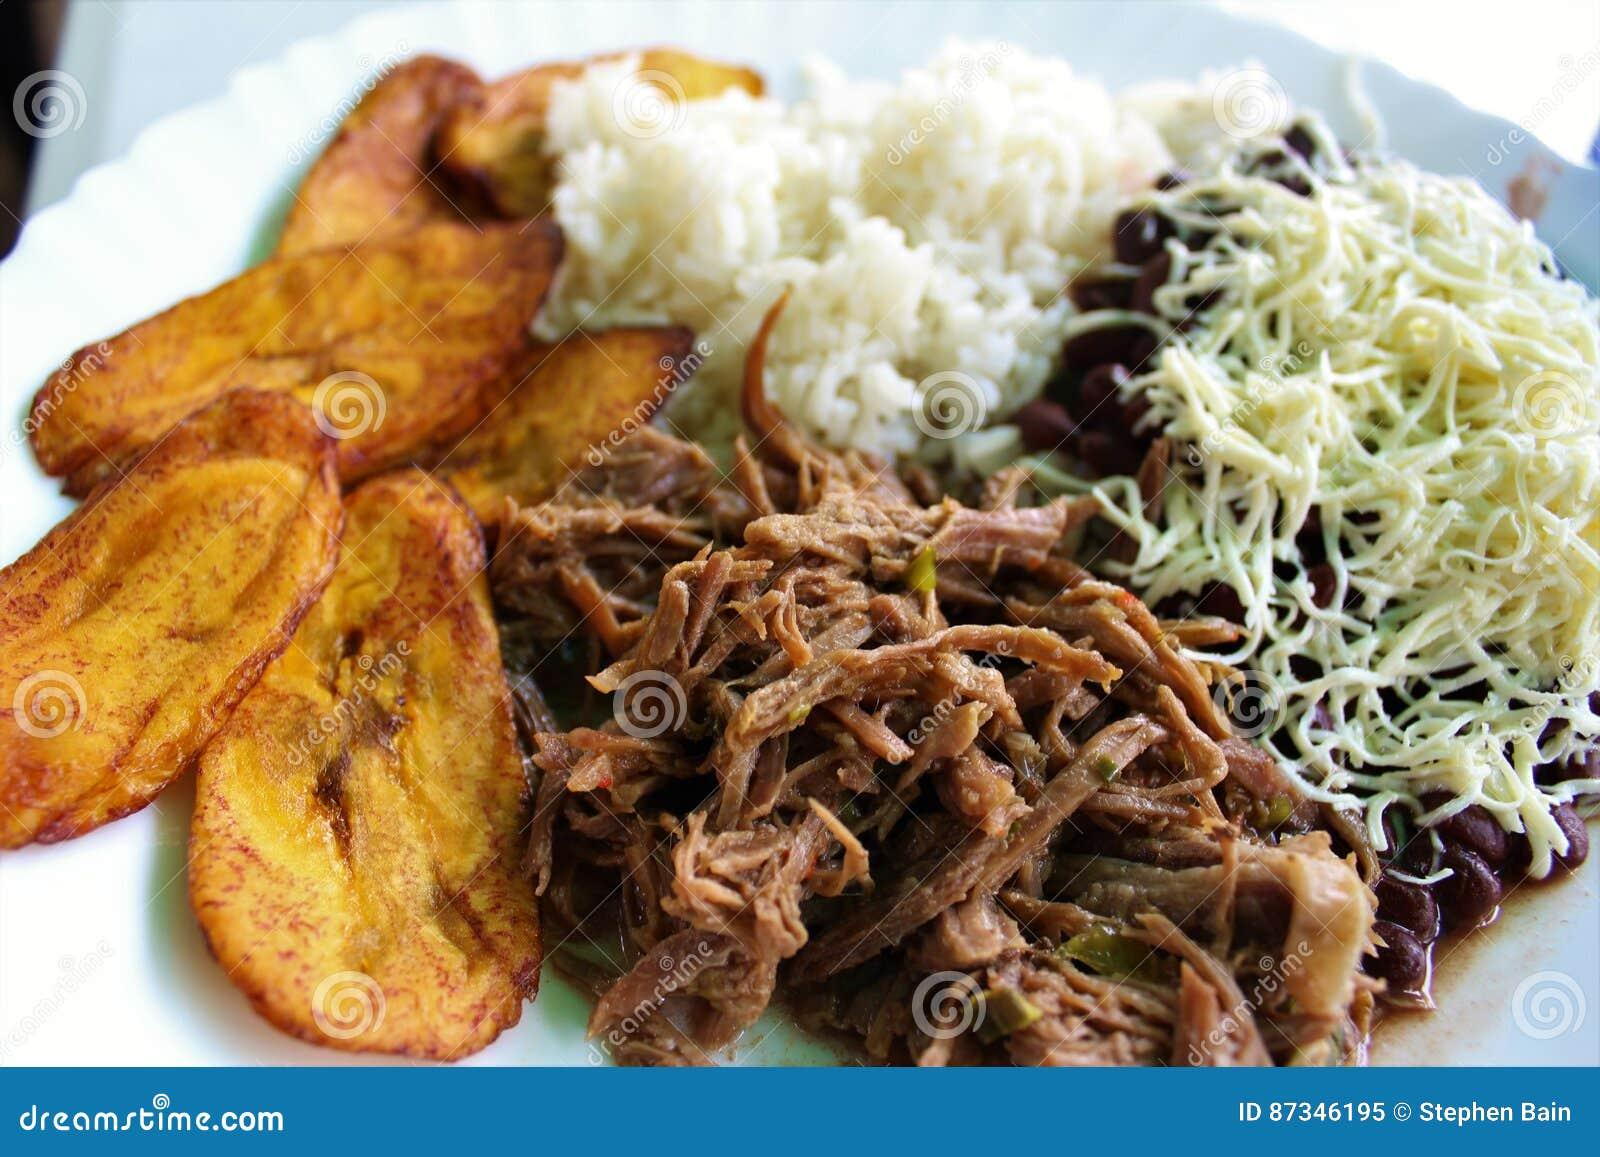 委内瑞拉人典型的盘叫Pabellon,由切细的肉、黑豆、米、油煎的大蕉切片和咸乳酪制成